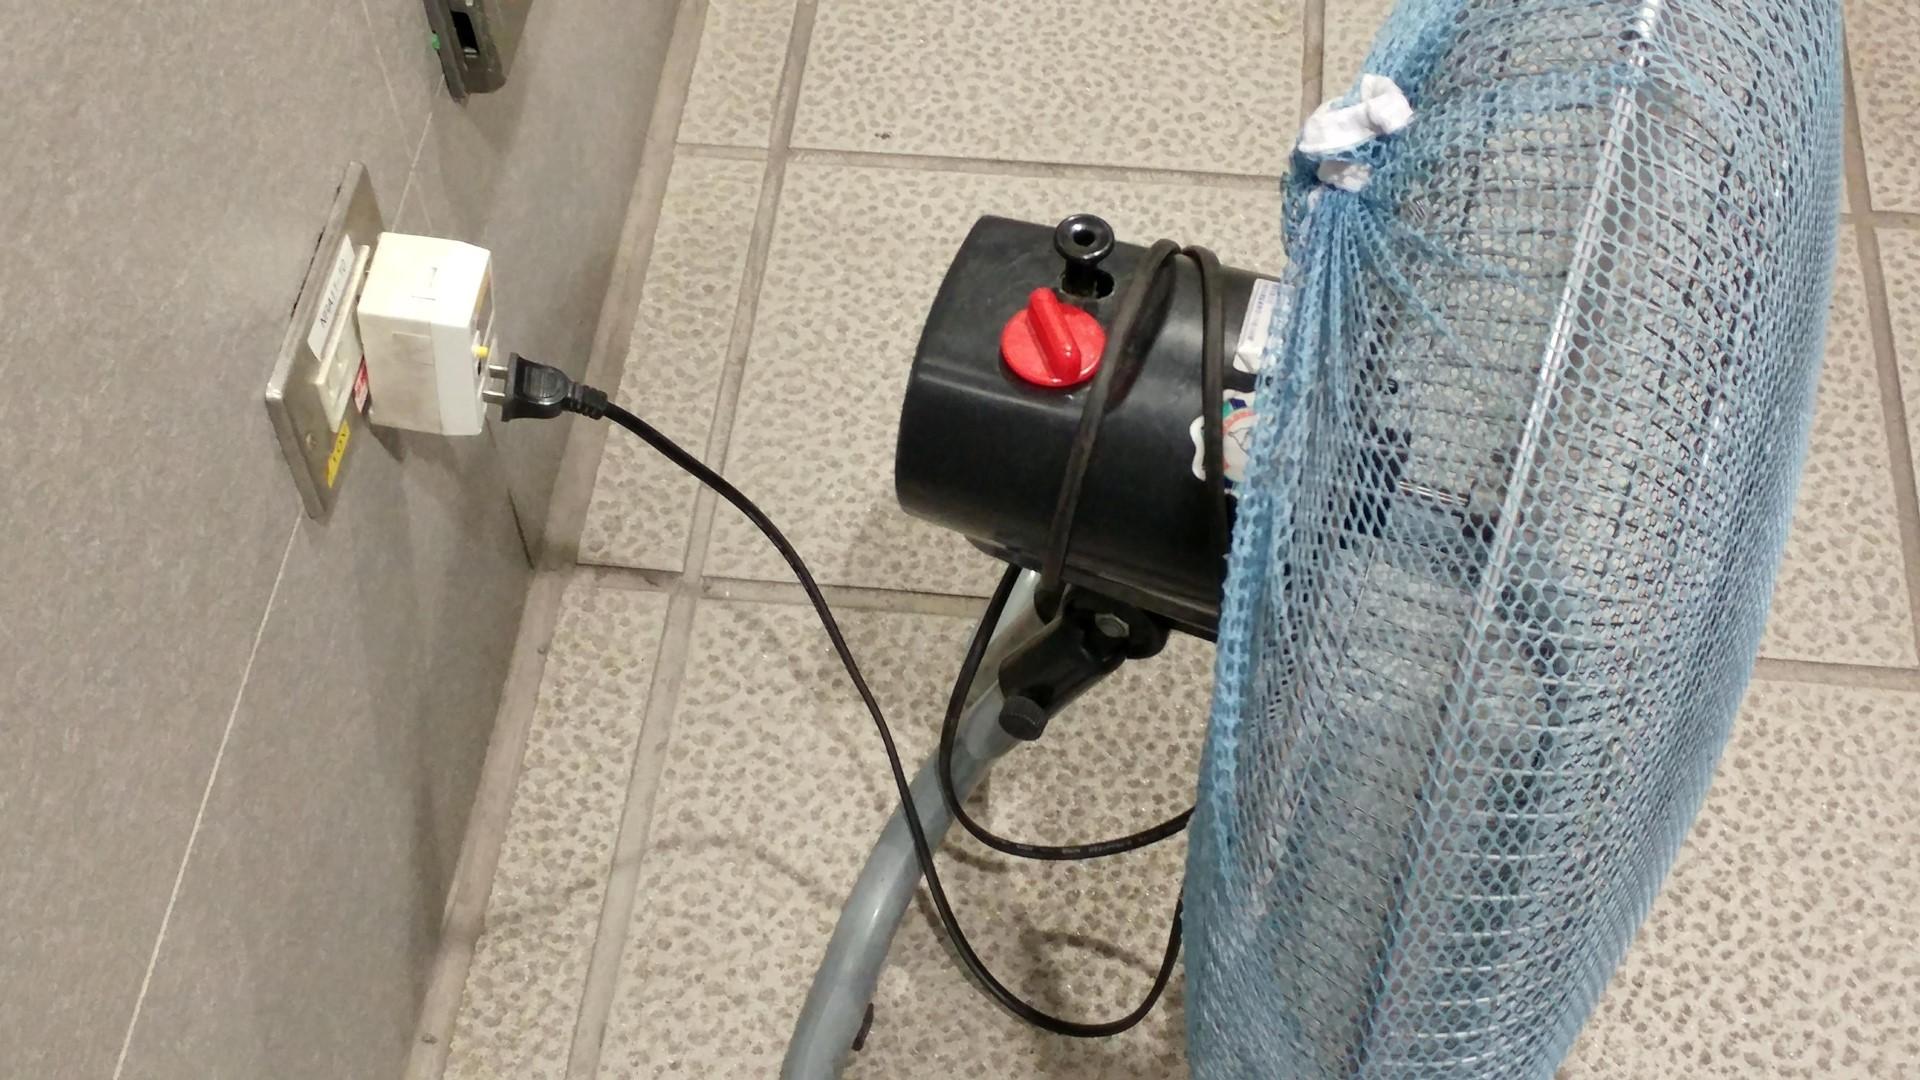 電源插頭沒有插緊